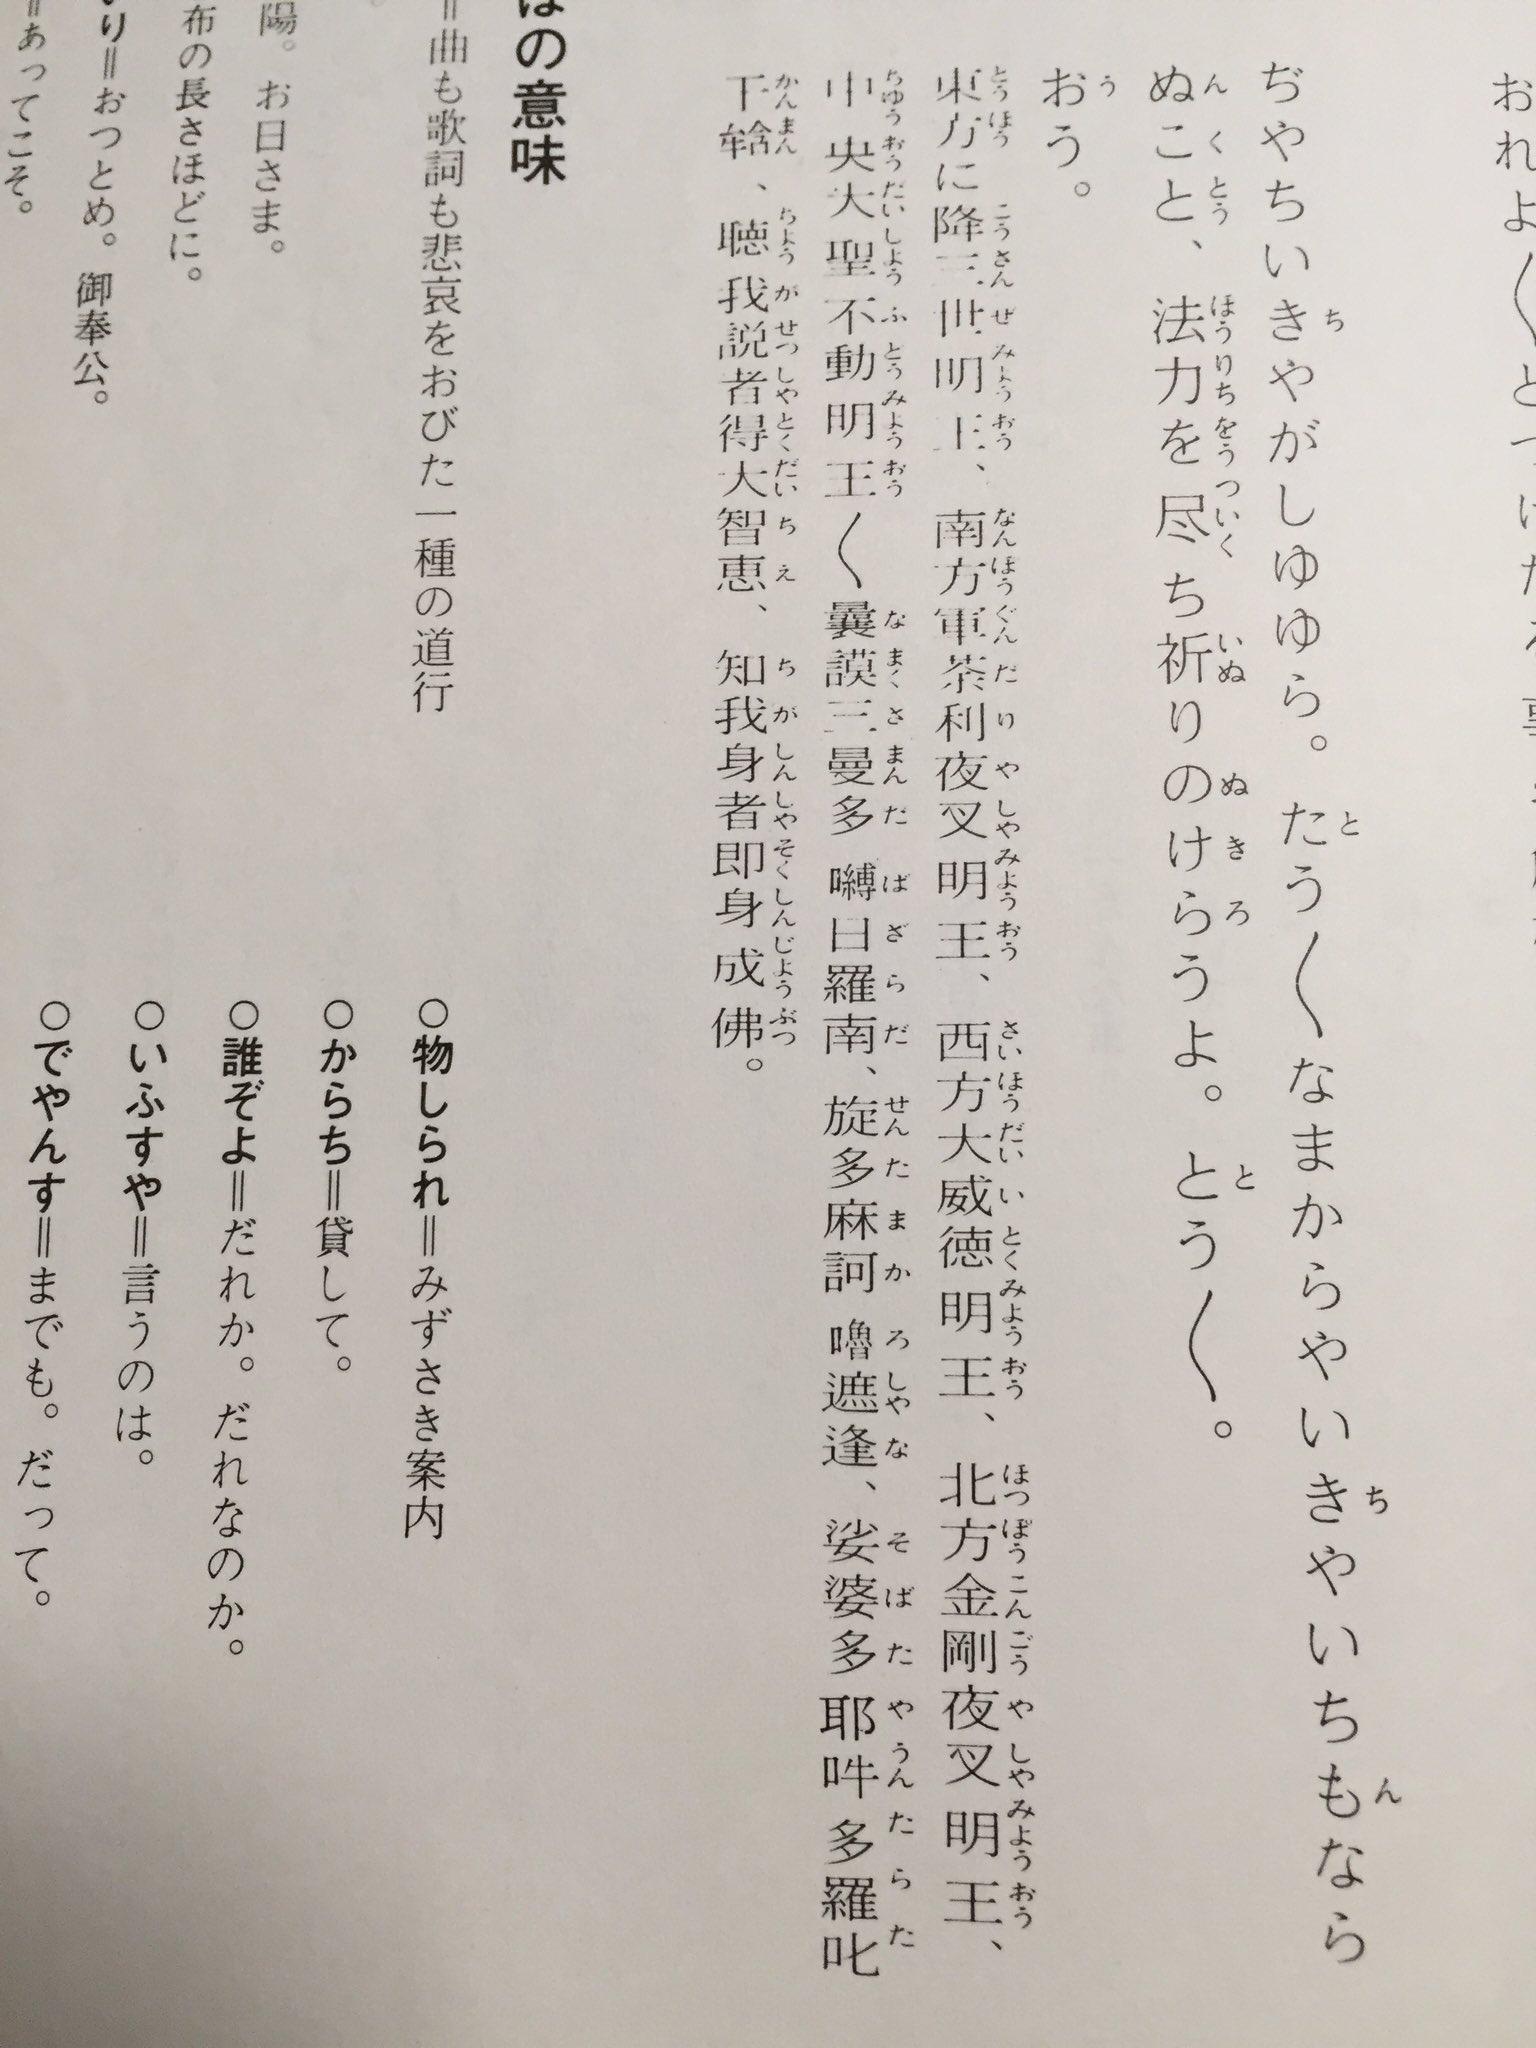 明王 お経 不動 経本(四国三十六不動霊場 勤行次第) 